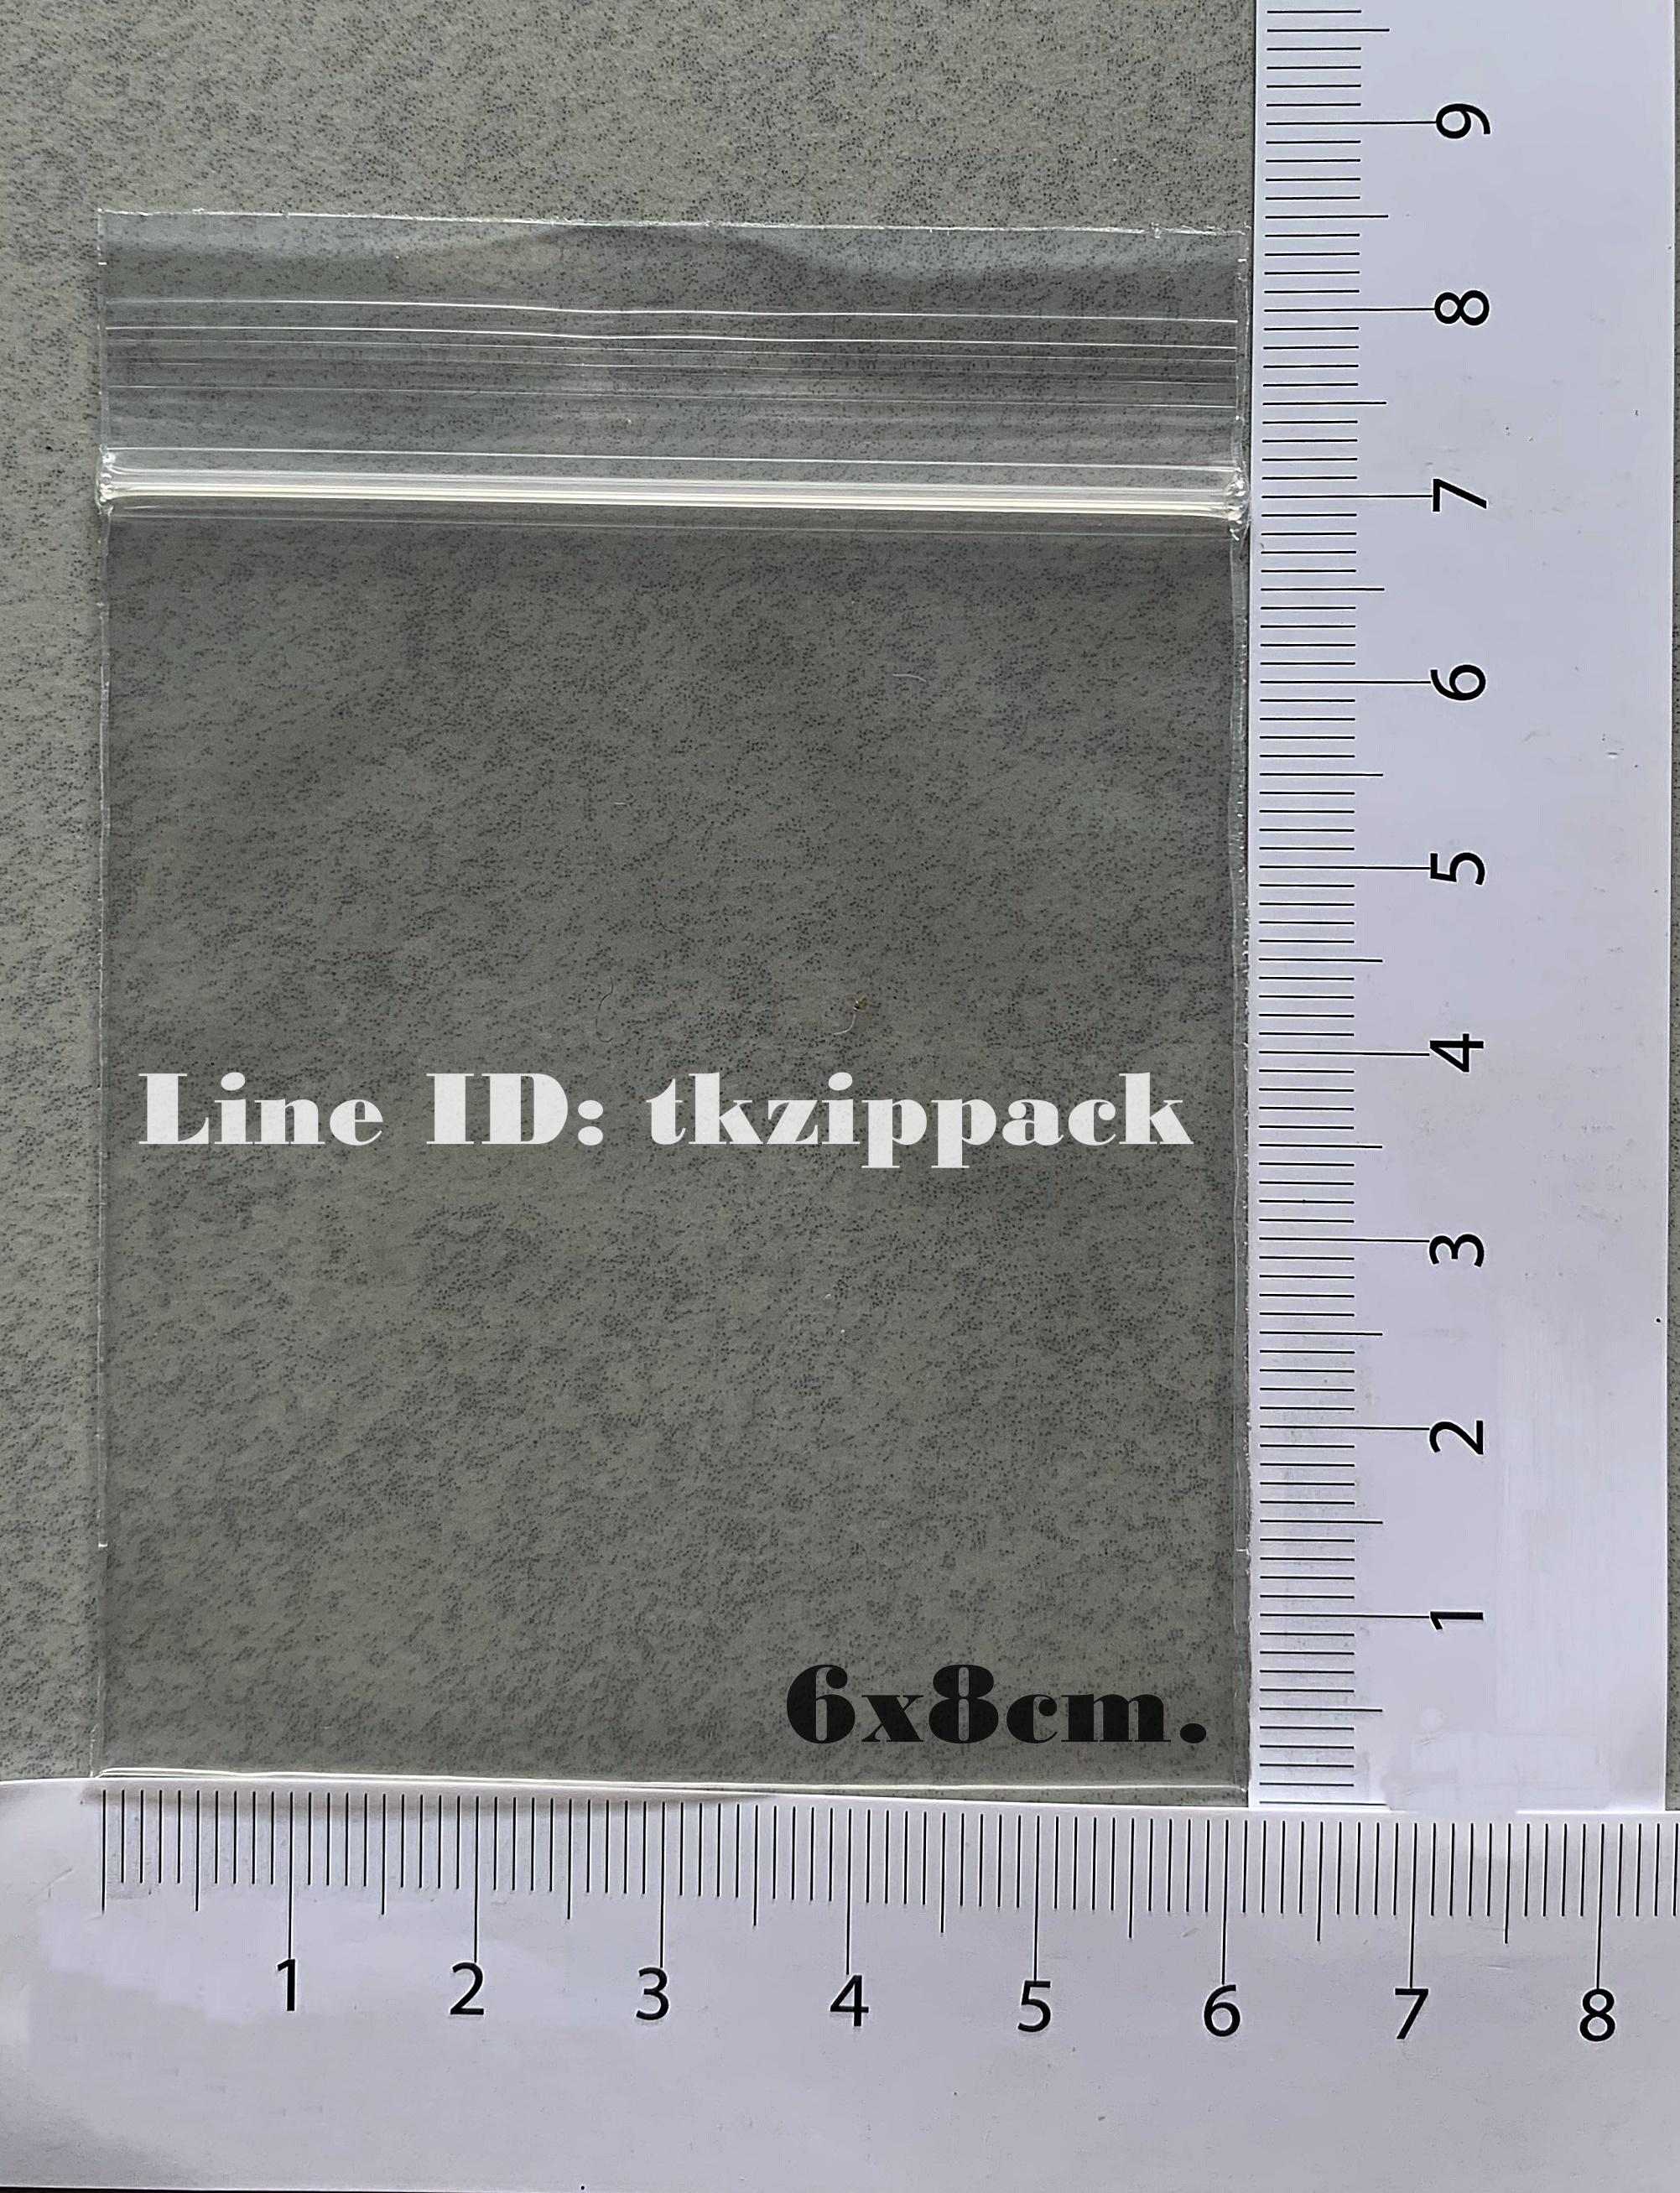 ถุงซิปล็อคสีใส 6x8 ซม.